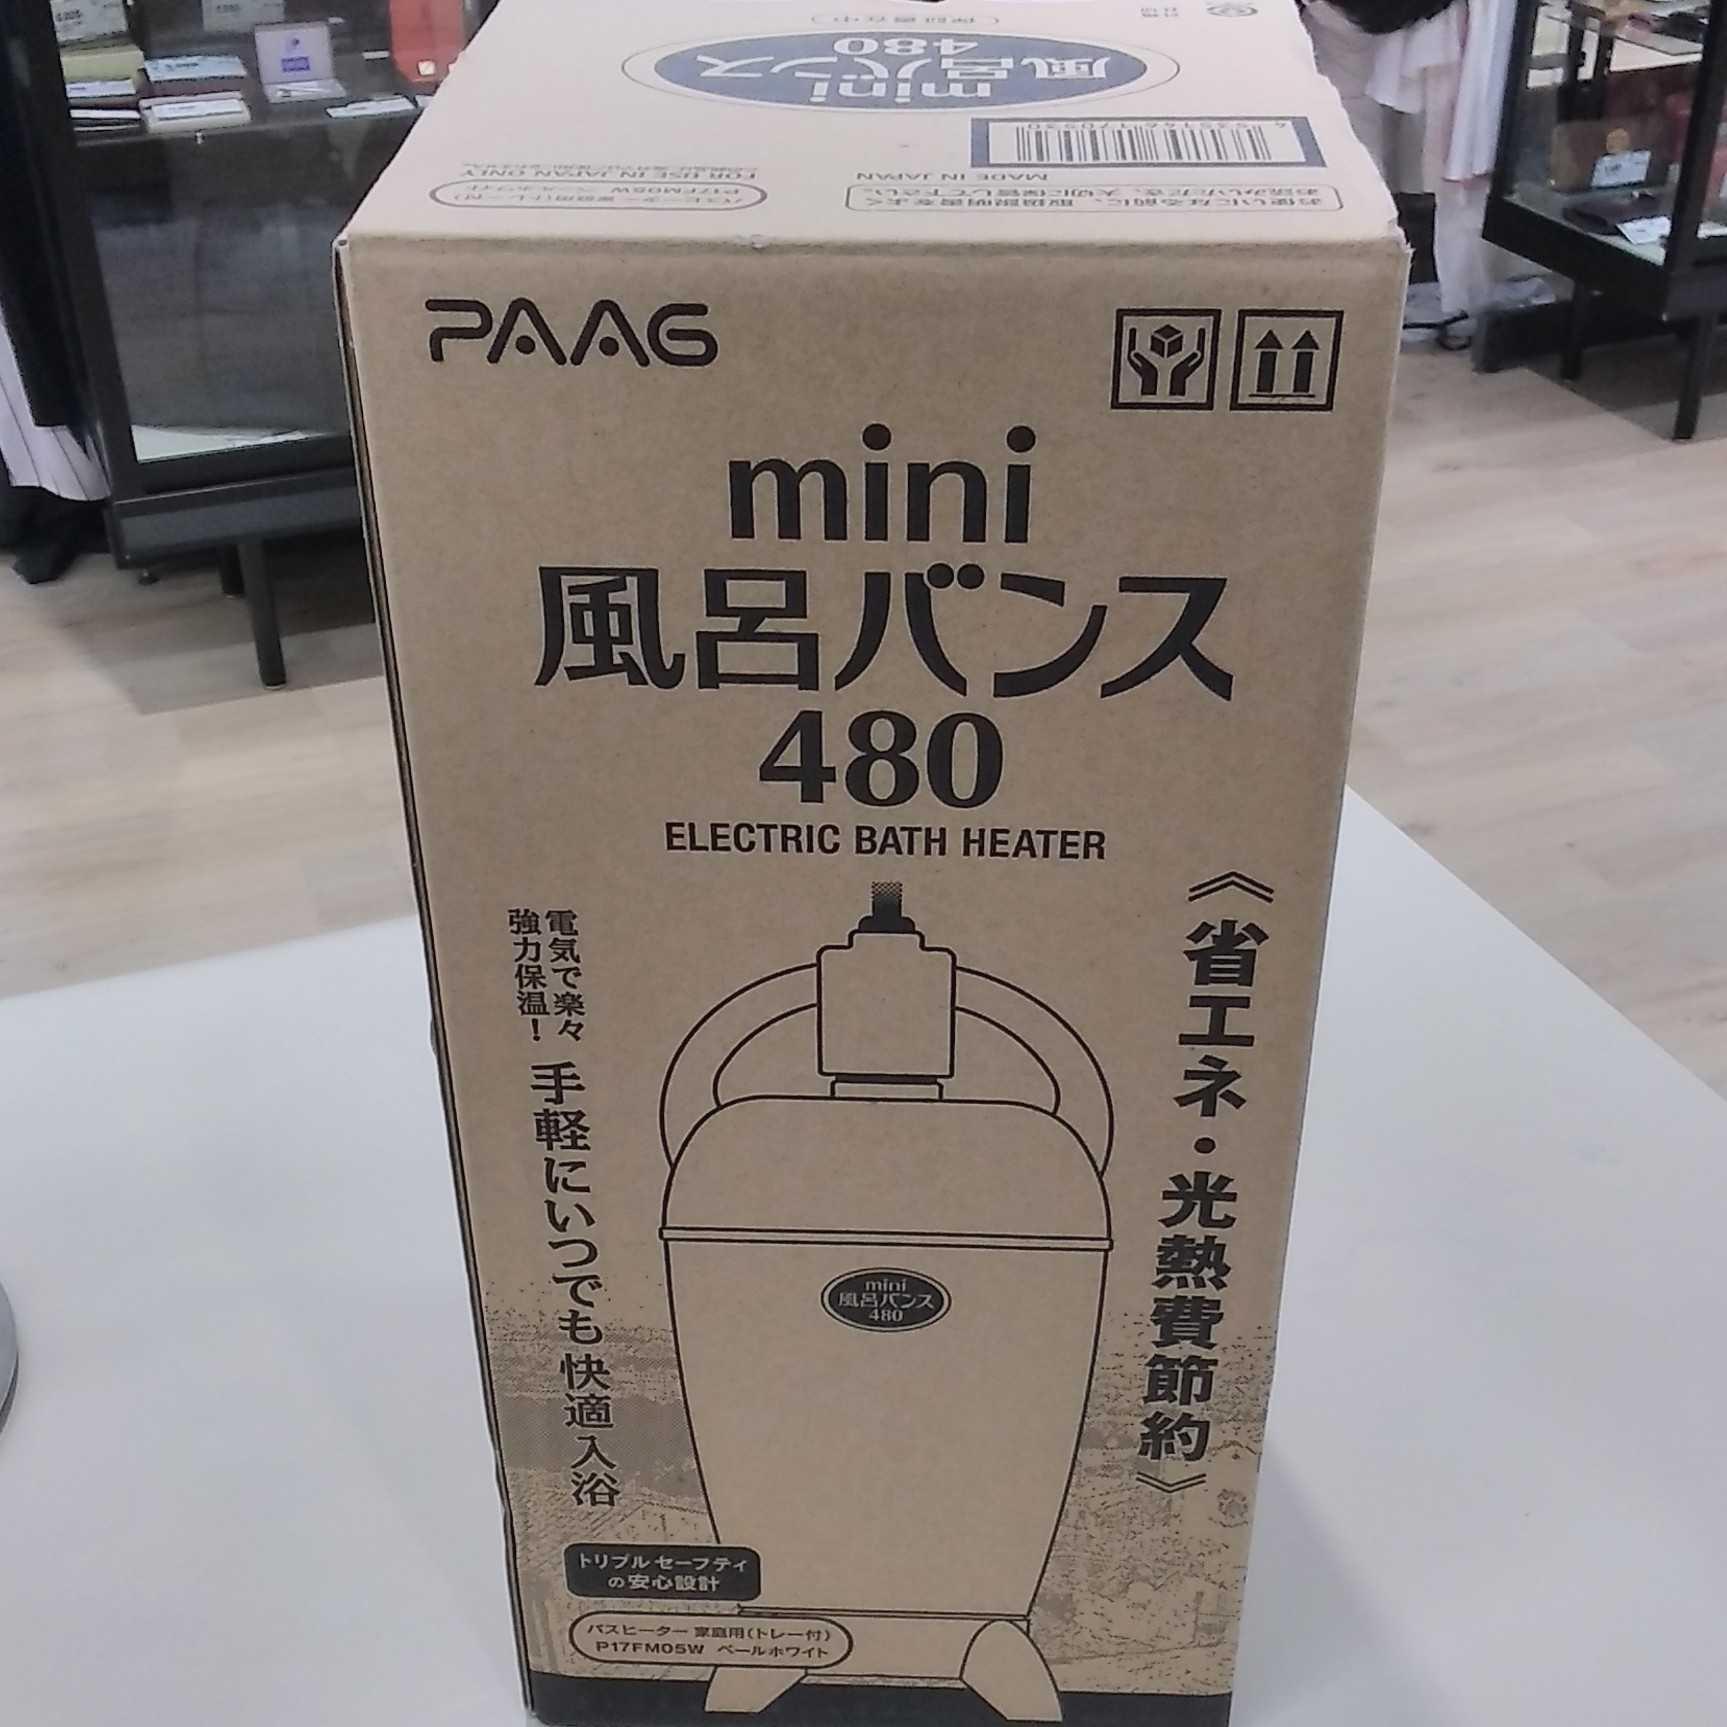 電気バスヒーター|PAAG